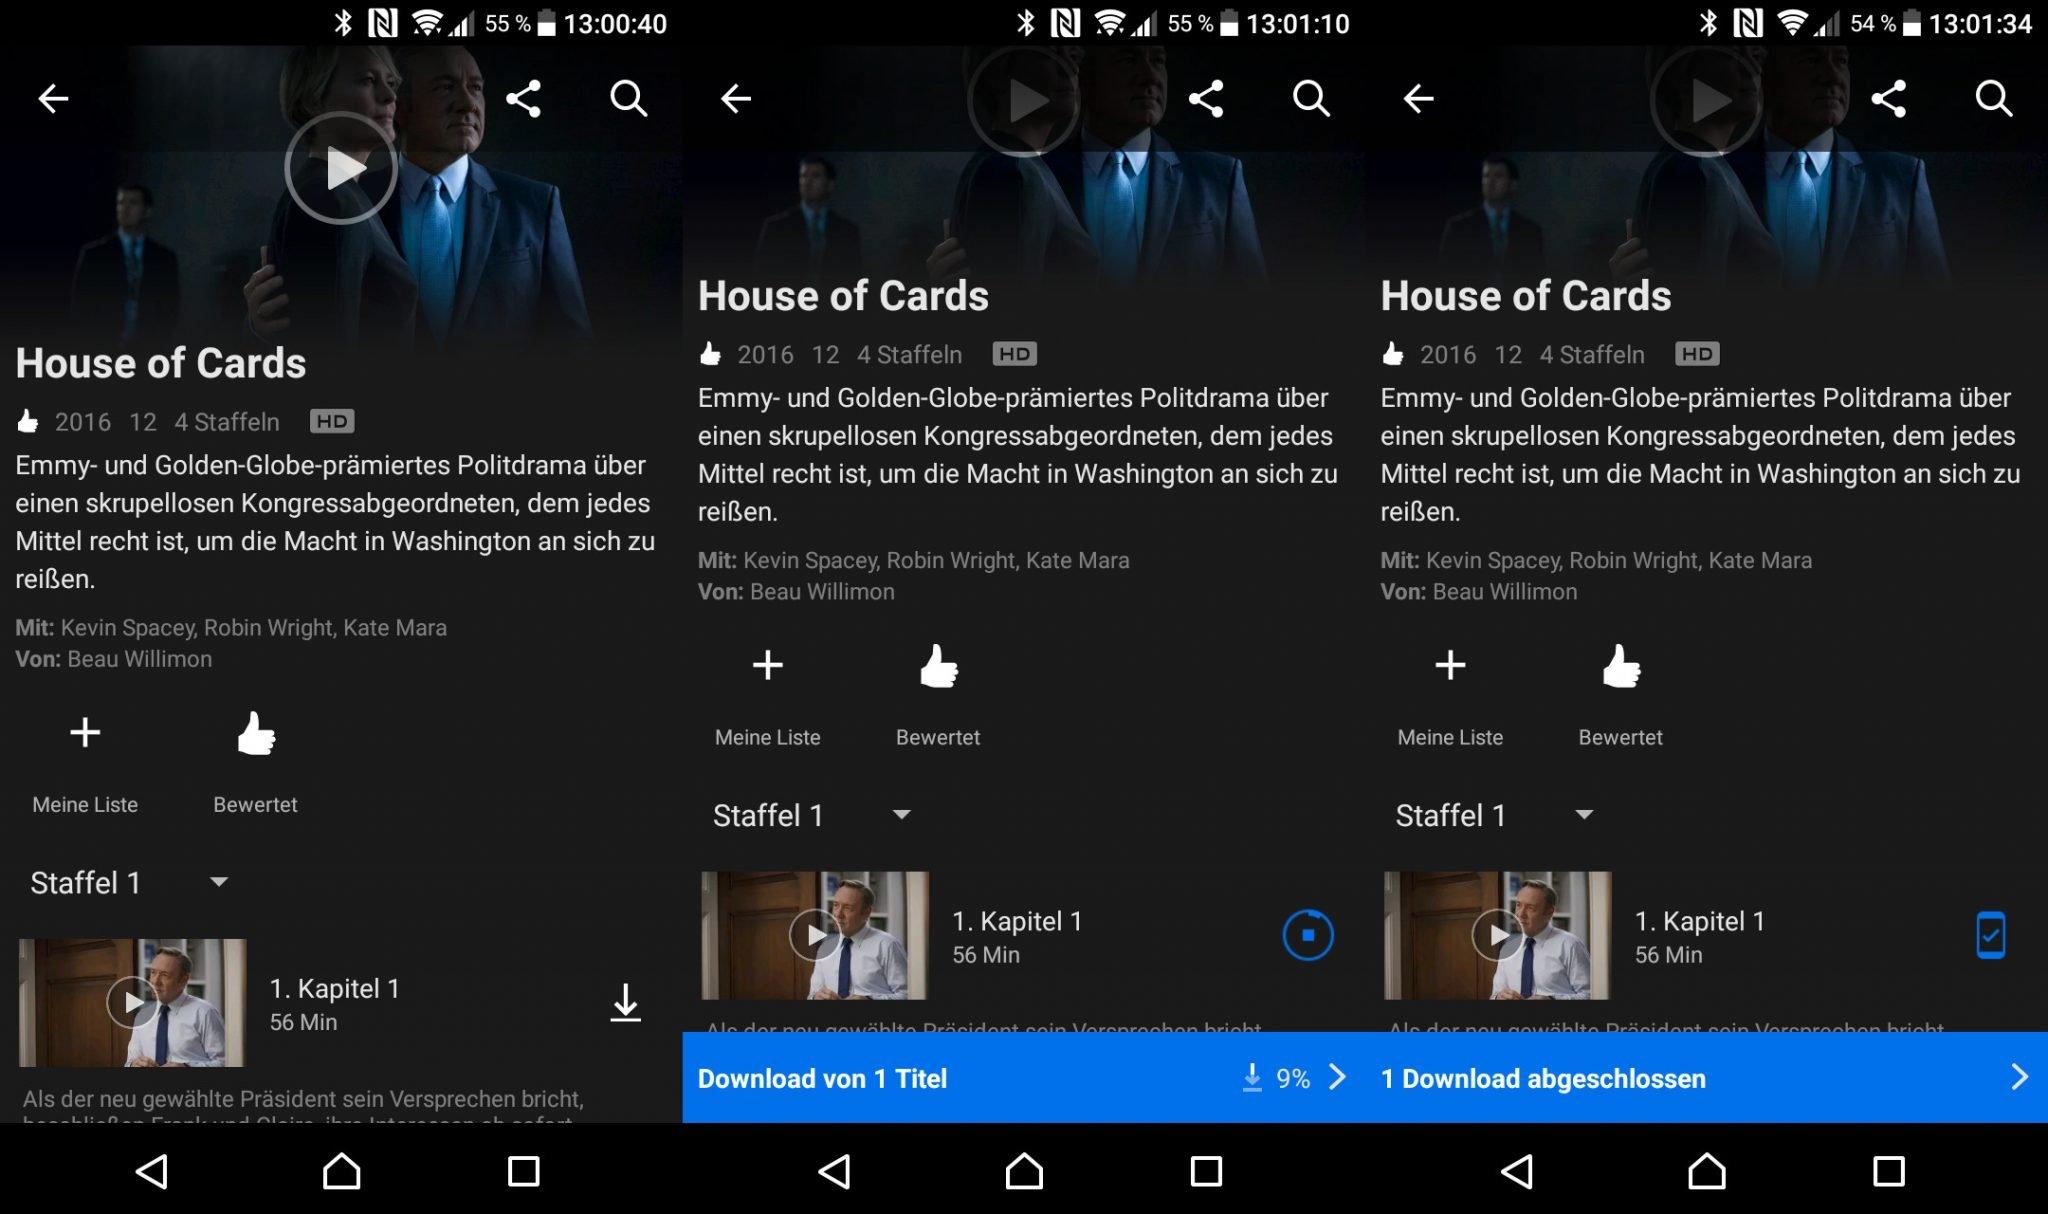 Wer seine Serie rechtzeitig aufs Smartphone lädt, kann sie offline schauen und verbraucht keine mobilen Daten (Screenshots: Peter Giesecke)